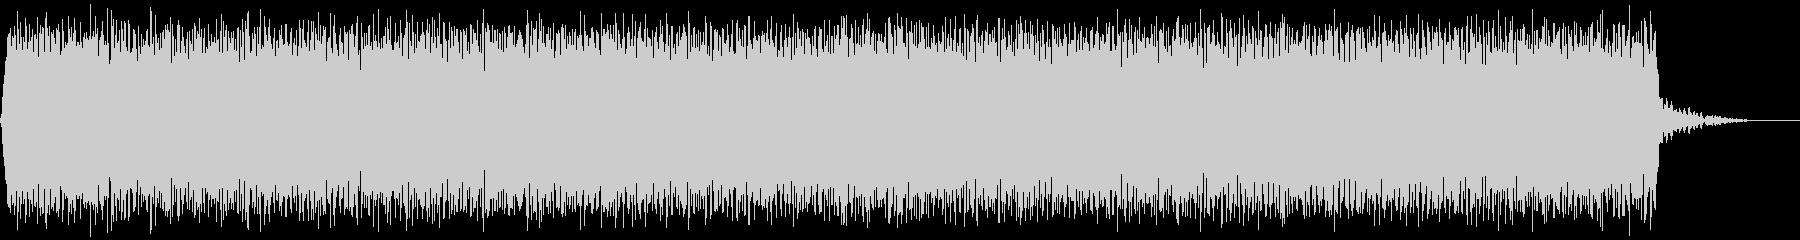 【アンビエント】ドローン_03 実験音の未再生の波形